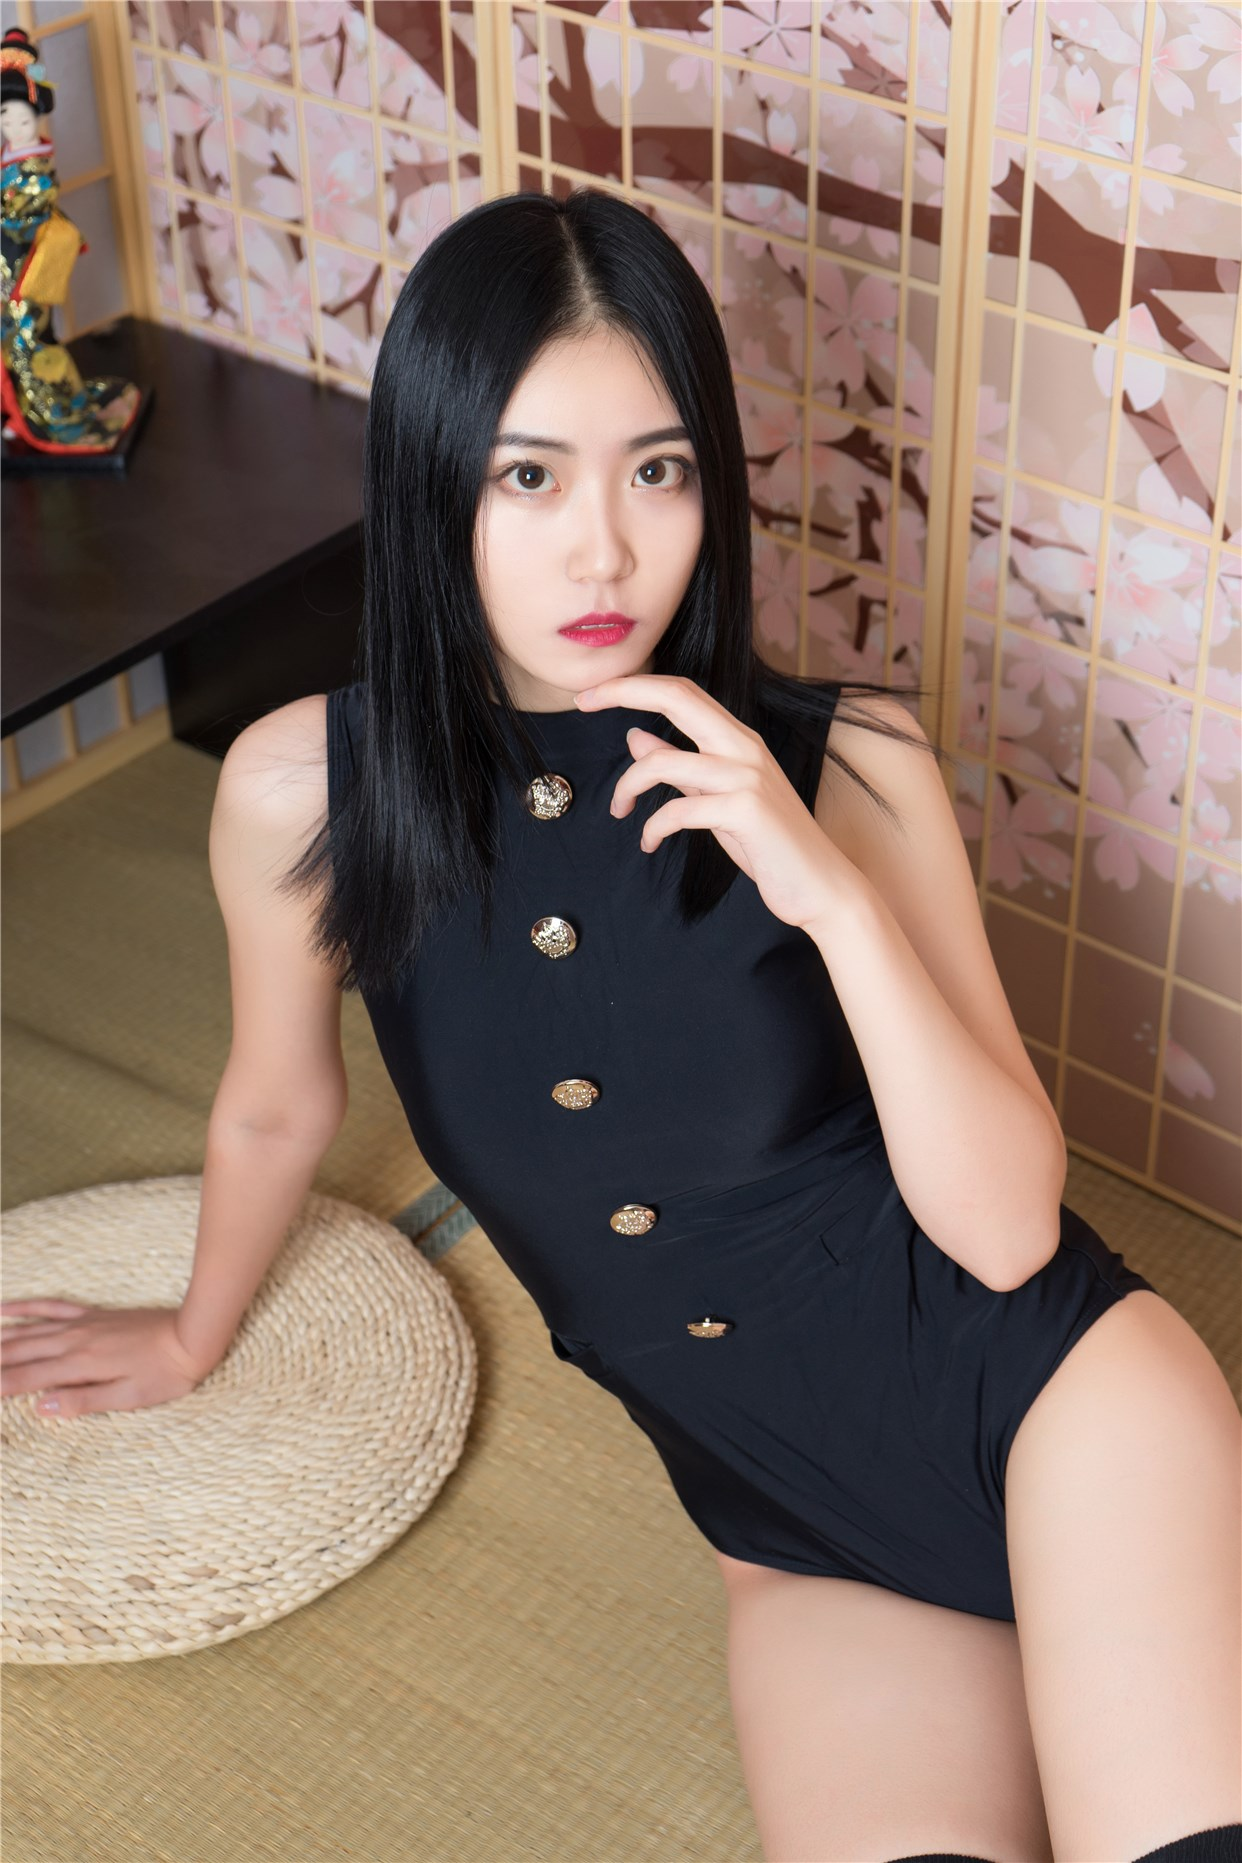 【兔玩映画】黑色制服的少女 兔玩映画 第7张